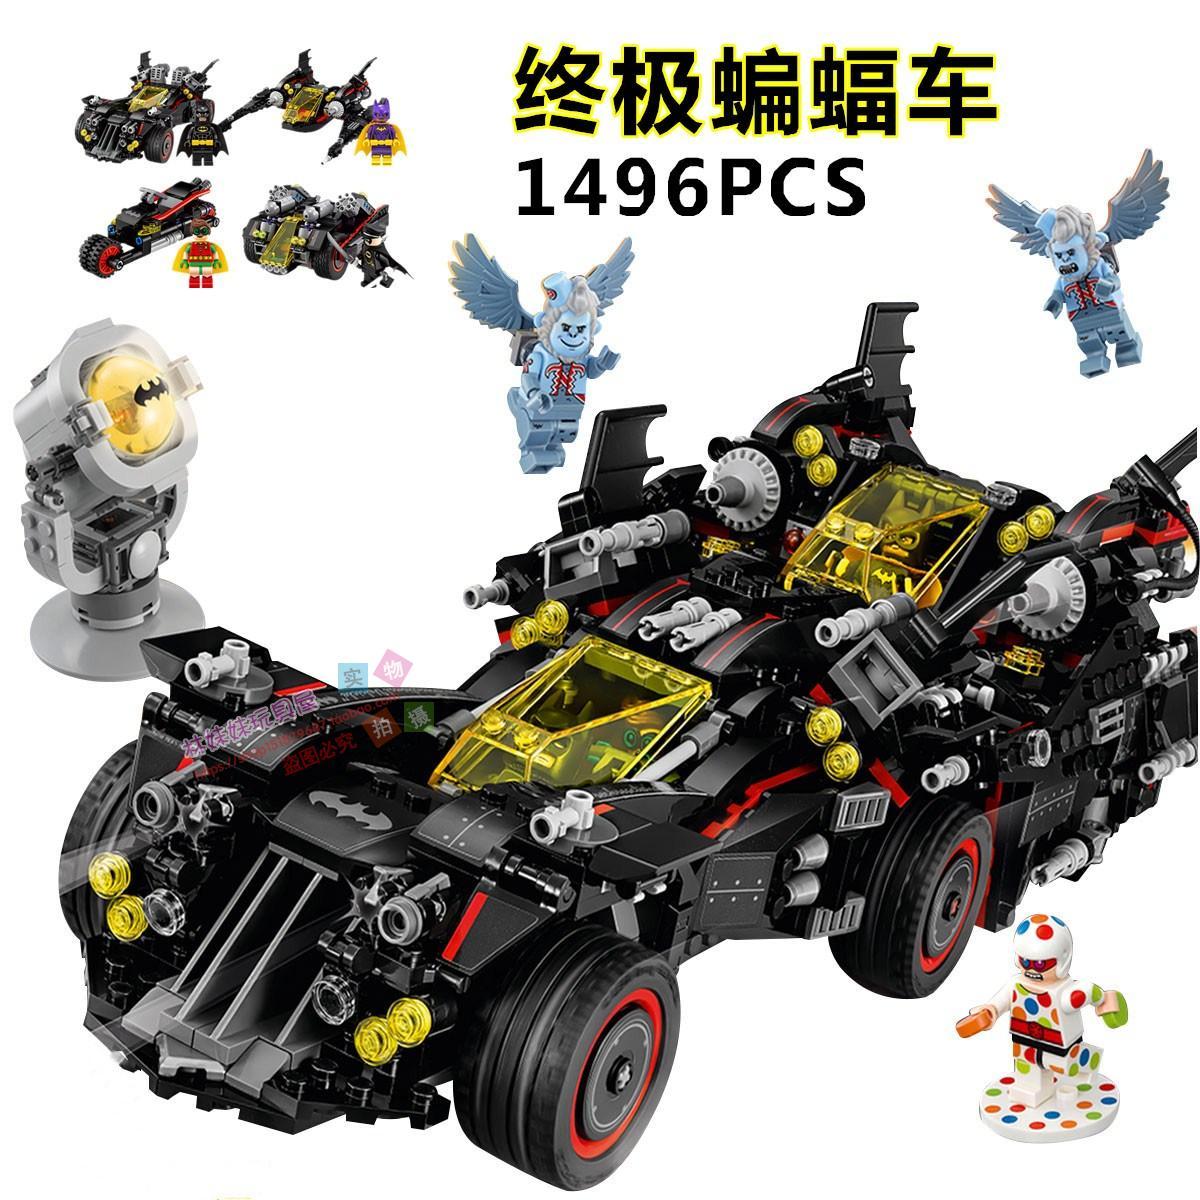 兼容乐高蝙蝠侠大电影终极蝙蝠车战车高难度拼装积木**男孩玩具